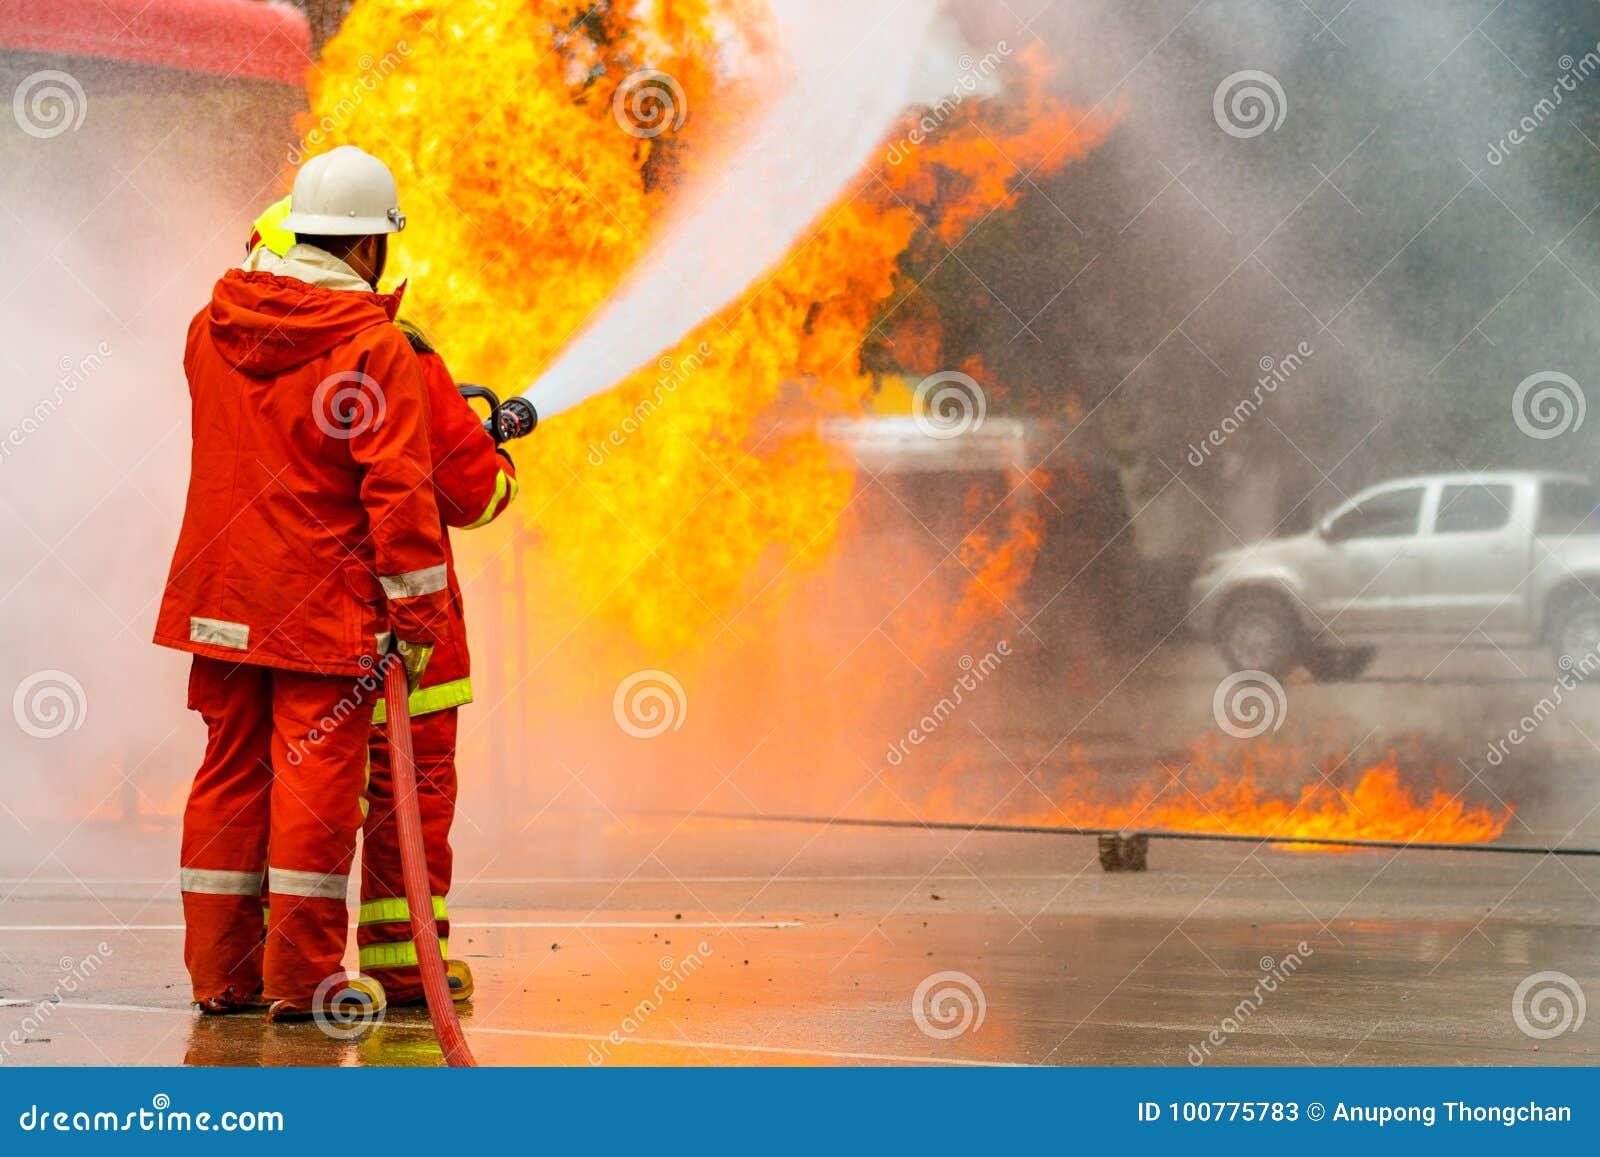 La formation du sapeur-pompier pompier